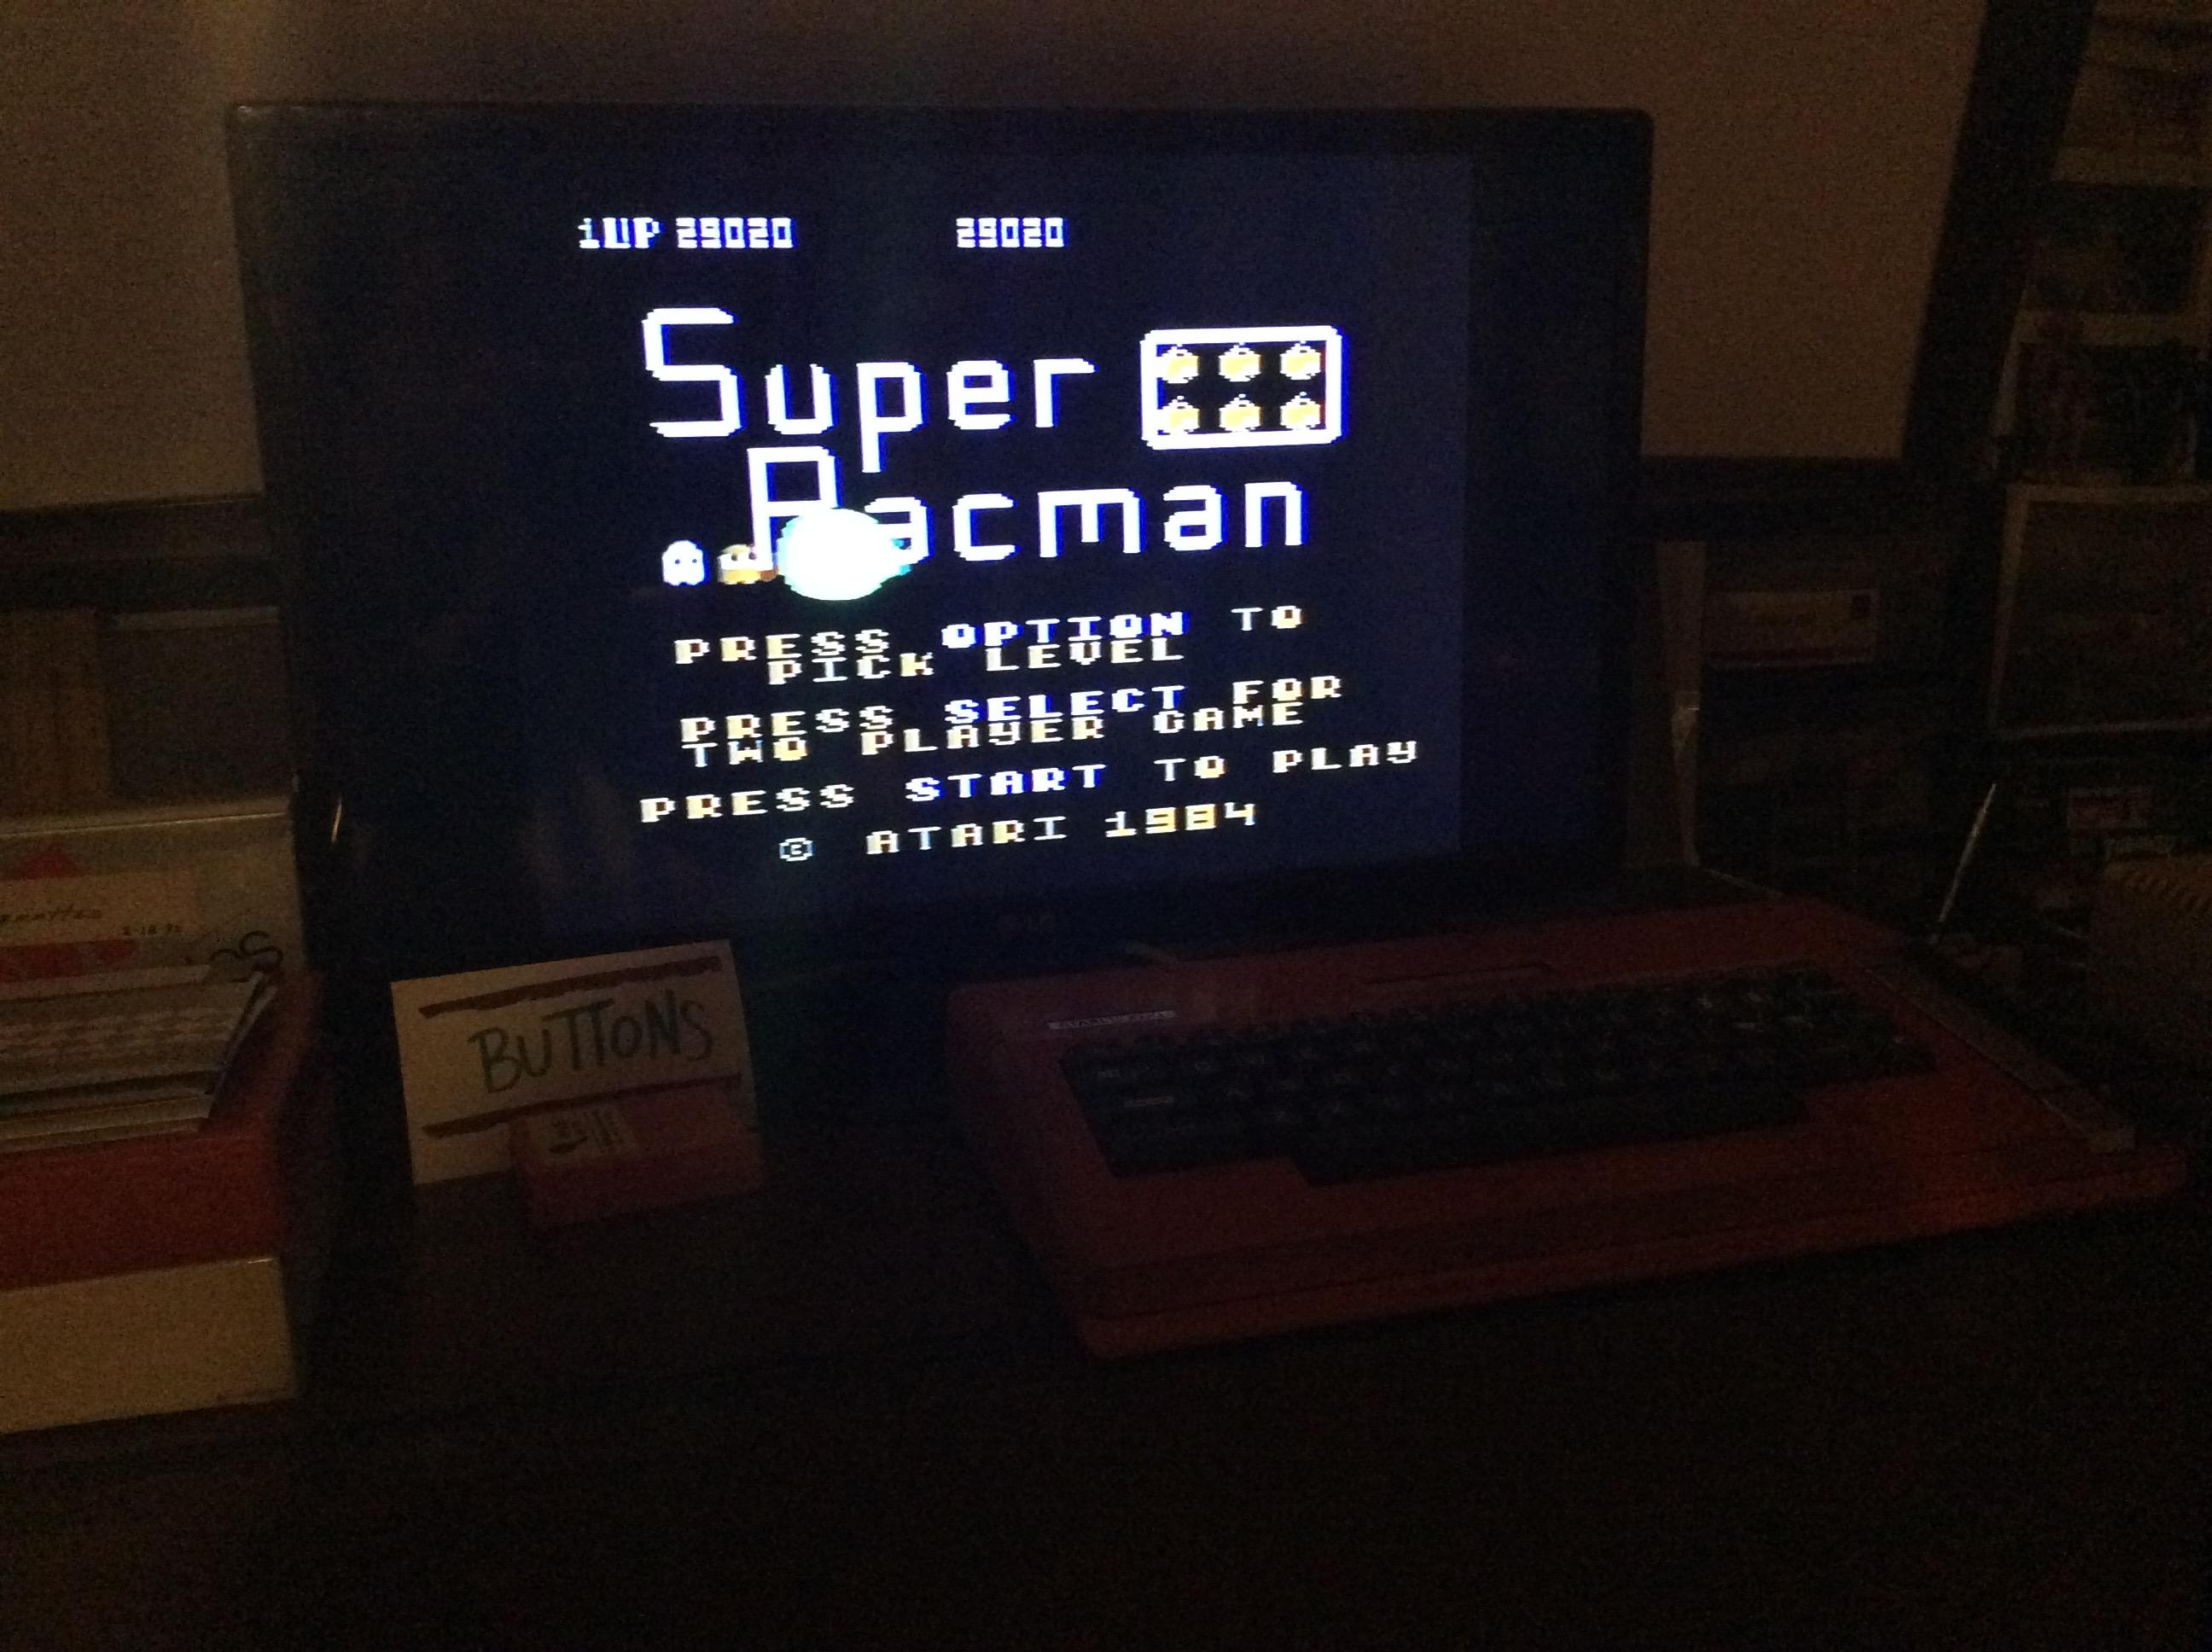 Super Pacman [Default settings] 29,020 points